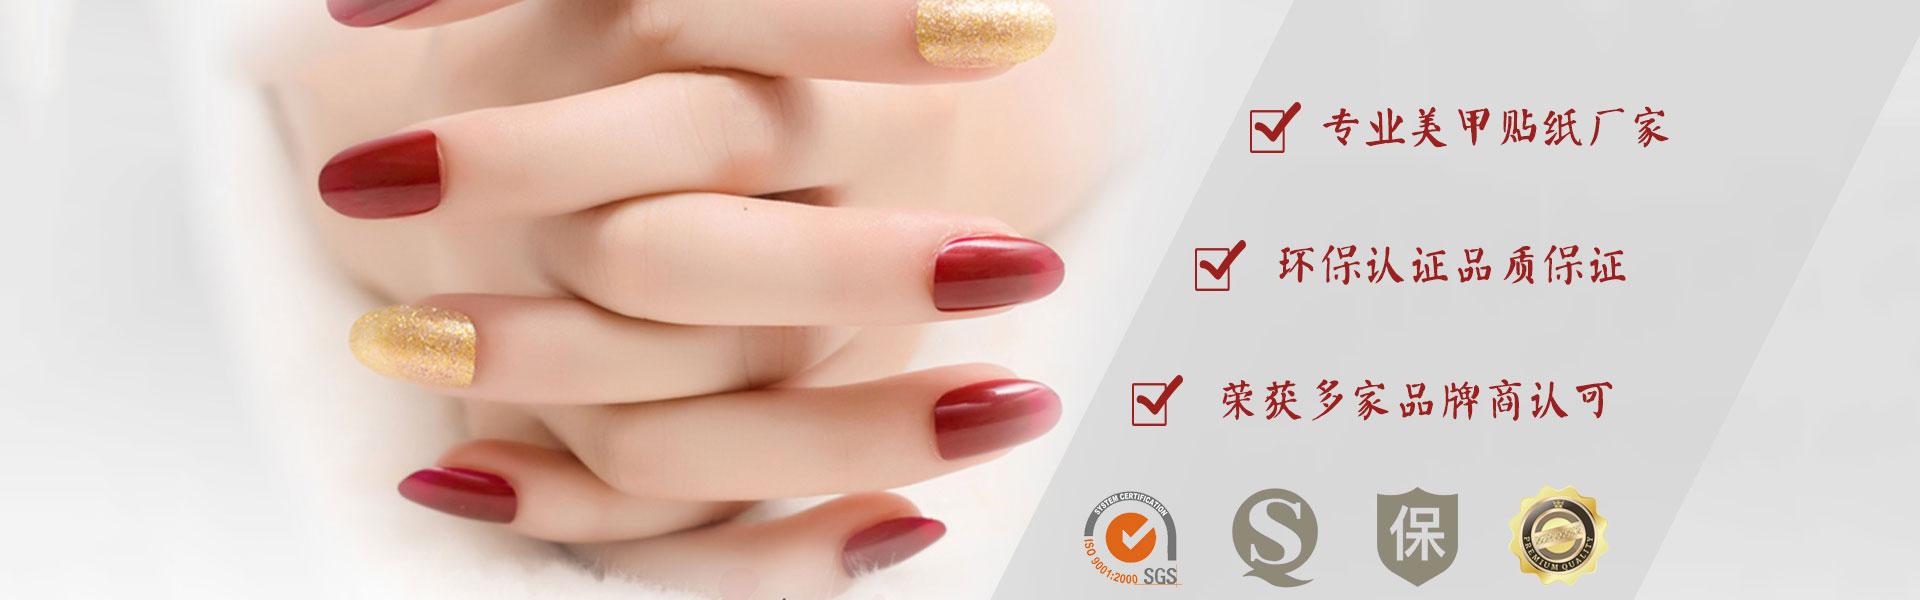 广州哪里有指甲贴批发-能提供最新款式美甲图片